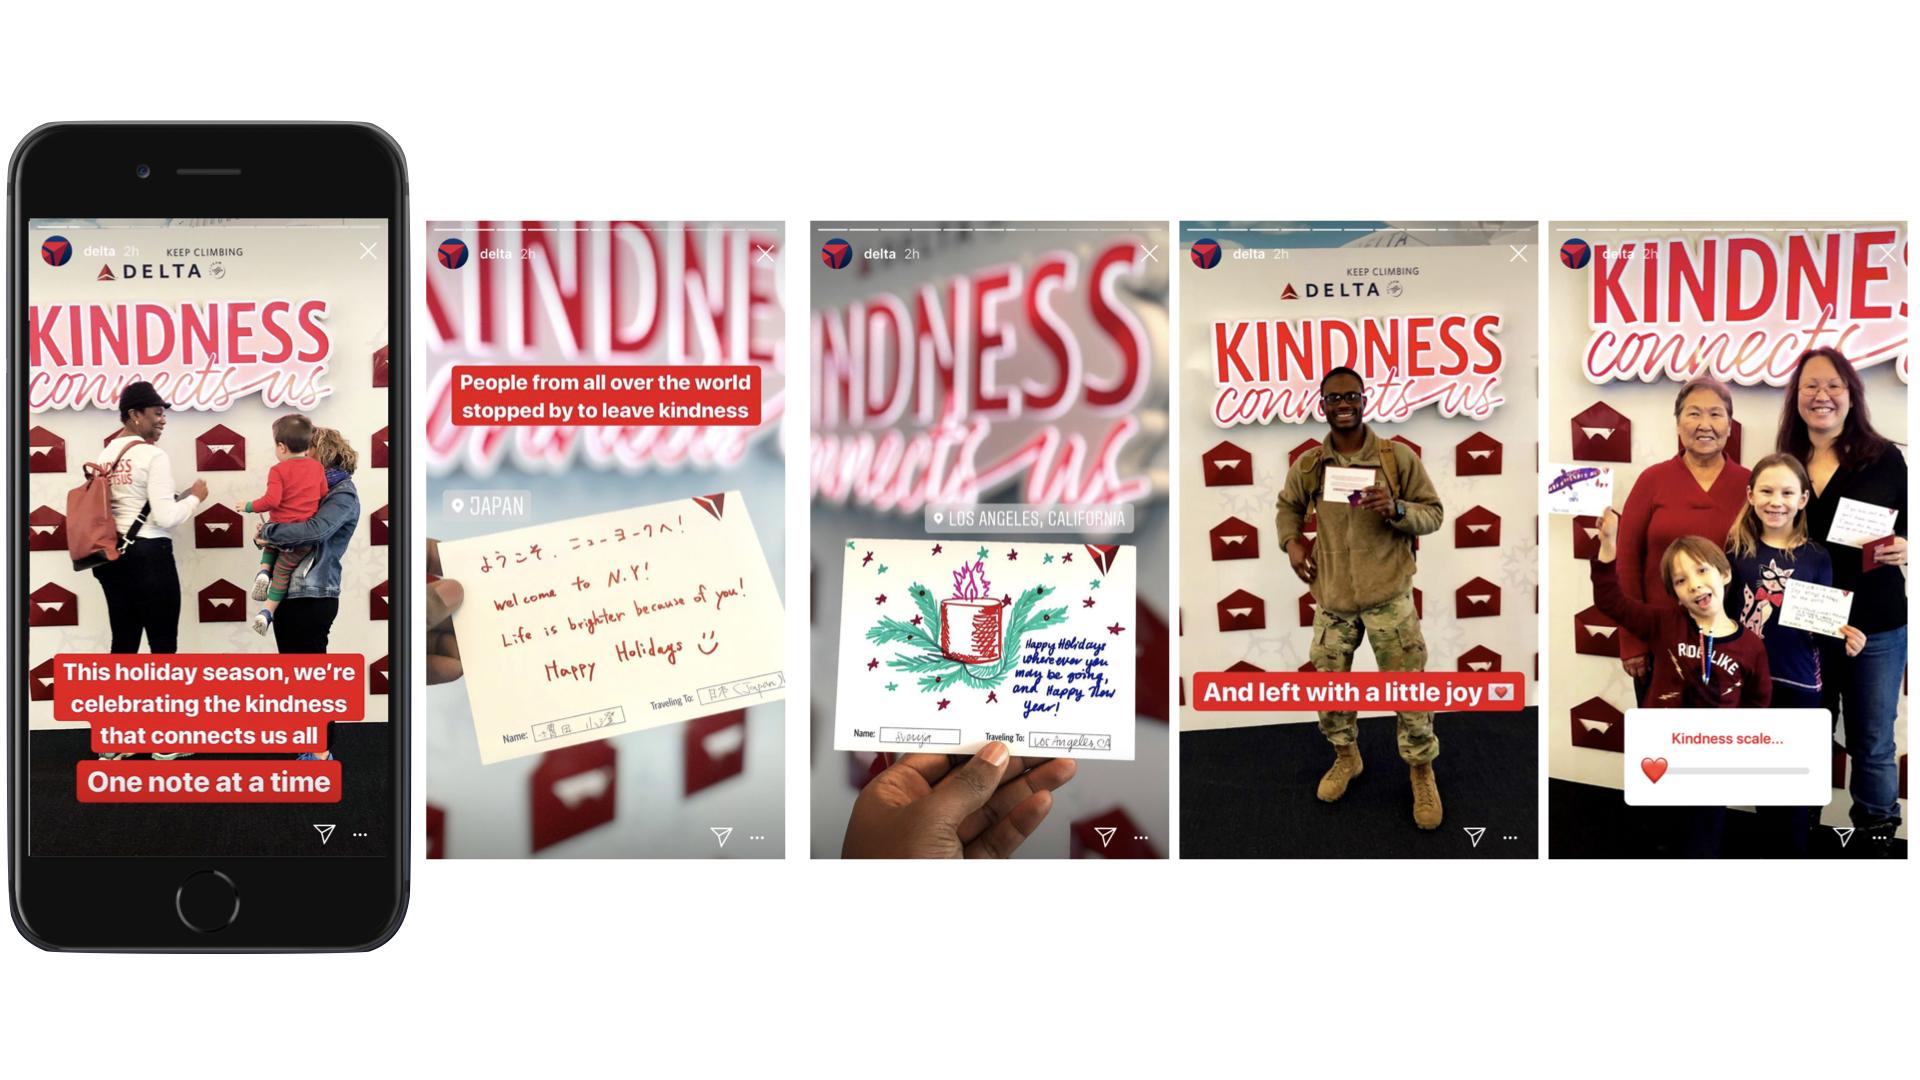 Delta_KindnessConnectsUs_Recap_FORADDYS.012.jpeg.001.jpeg